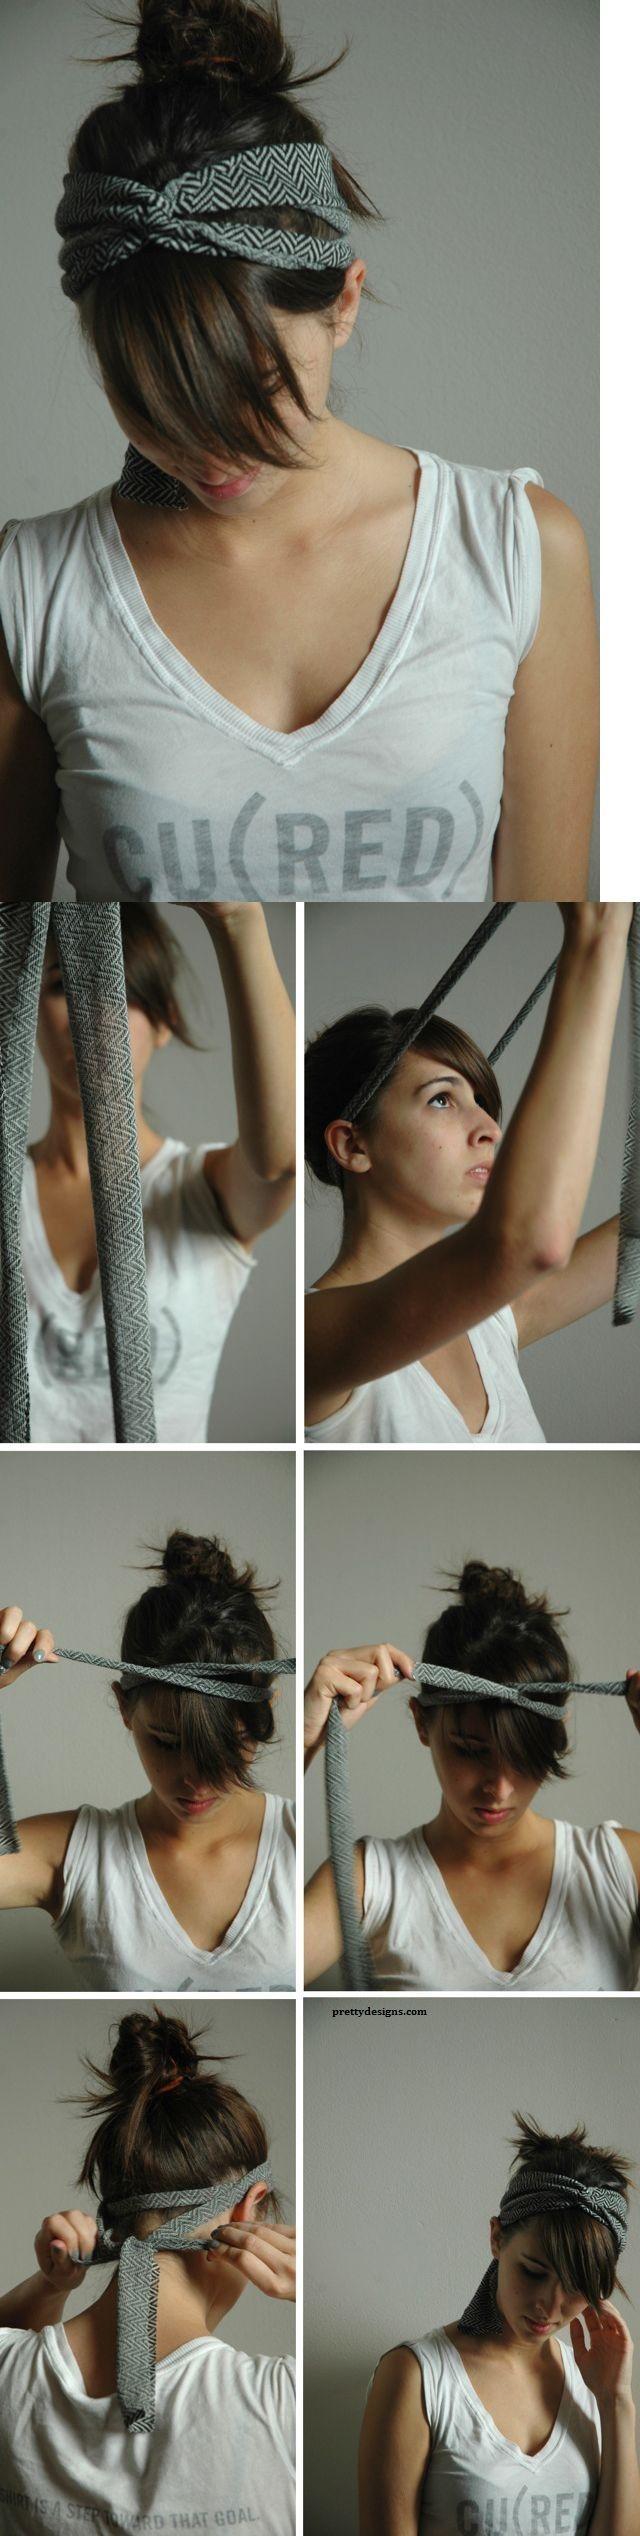 Les années passent et les tendances changent mais la frange reste toujours indémodable. Soit Courte, effilée, droite ou sur les côté, la frange d'adapte à tout les styles! Ces 30 photos de coiffure avec frange vous donneront envie de s'y mettre. Regardez !…